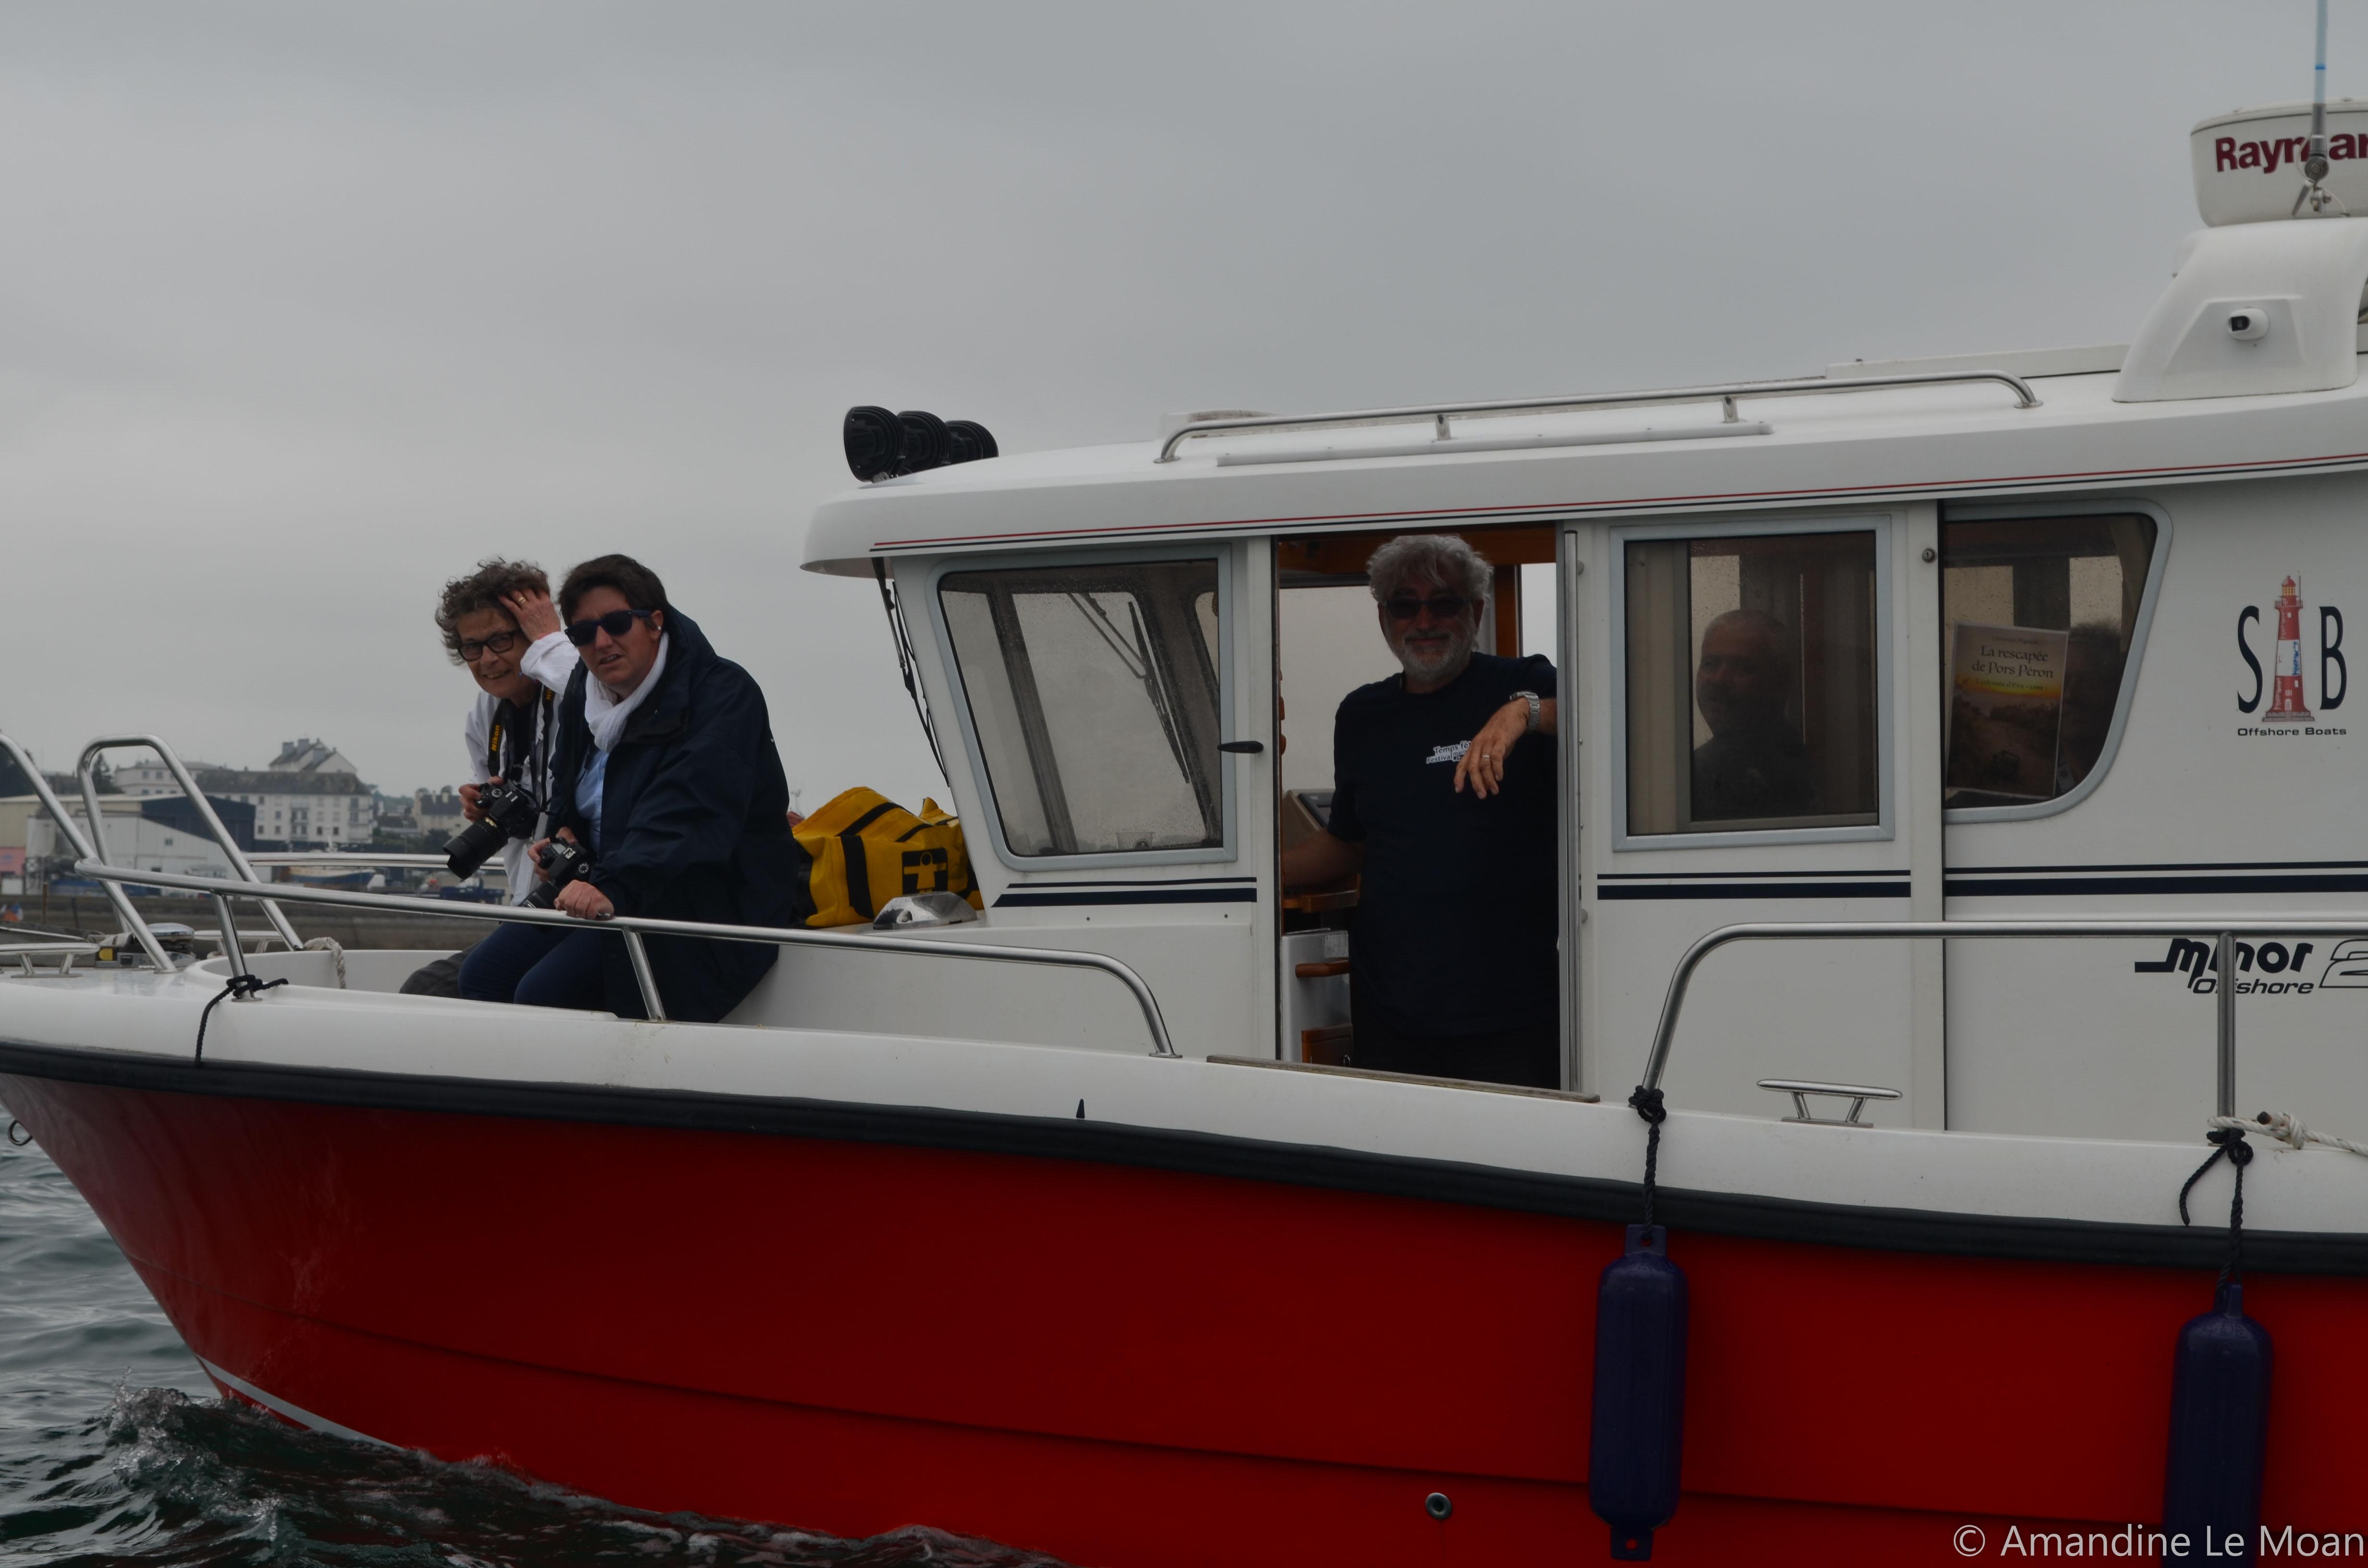 Temps Fête, bénévoles, association, festival, mer, bateaux, gréements, Douarnenez, Finistère, chasse marée